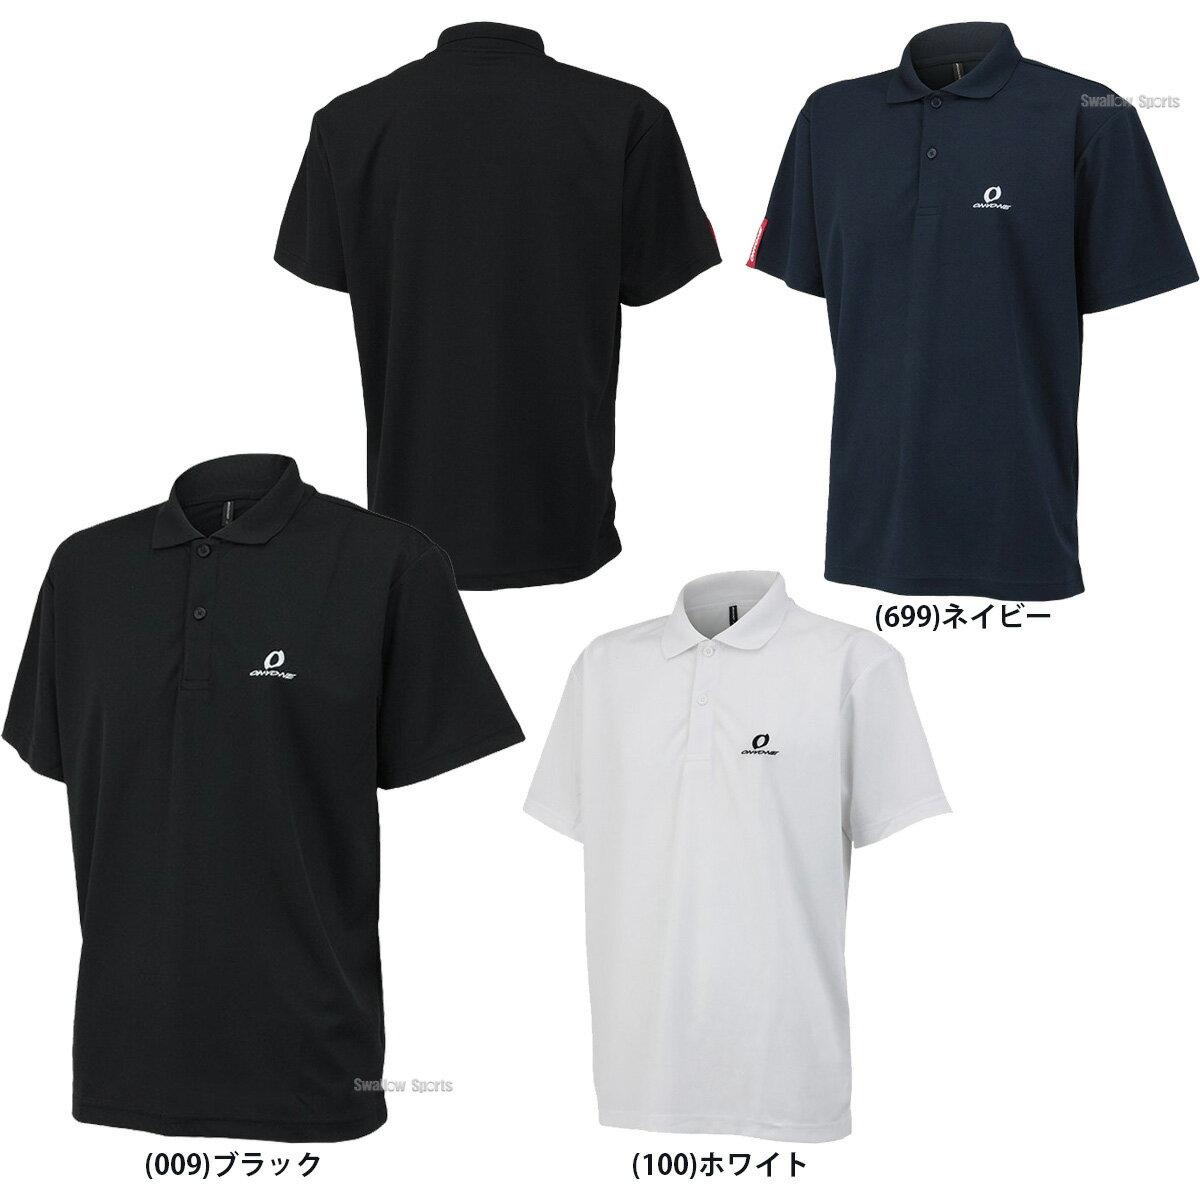 【あす楽対応】 オンヨネ ウェア ドライ ポロシャツ メンズ 半袖 OKJ99314 トップス スポーツ ウェア ウエア ファッション 夏 野球部 野球用品 スワロースポーツ